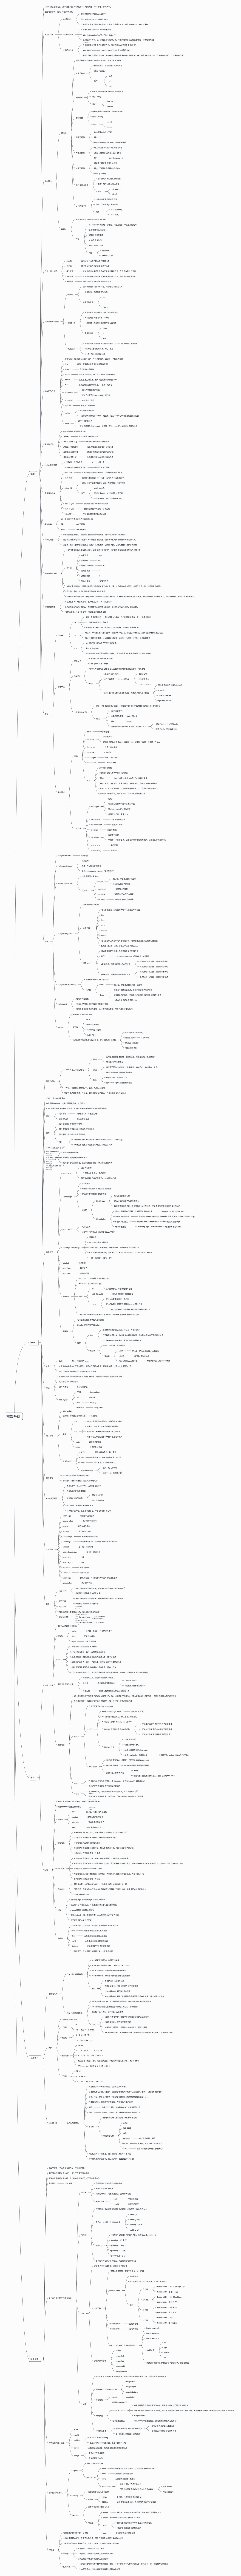 前端HTML+CSS+JAVASCRIPT学习笔记